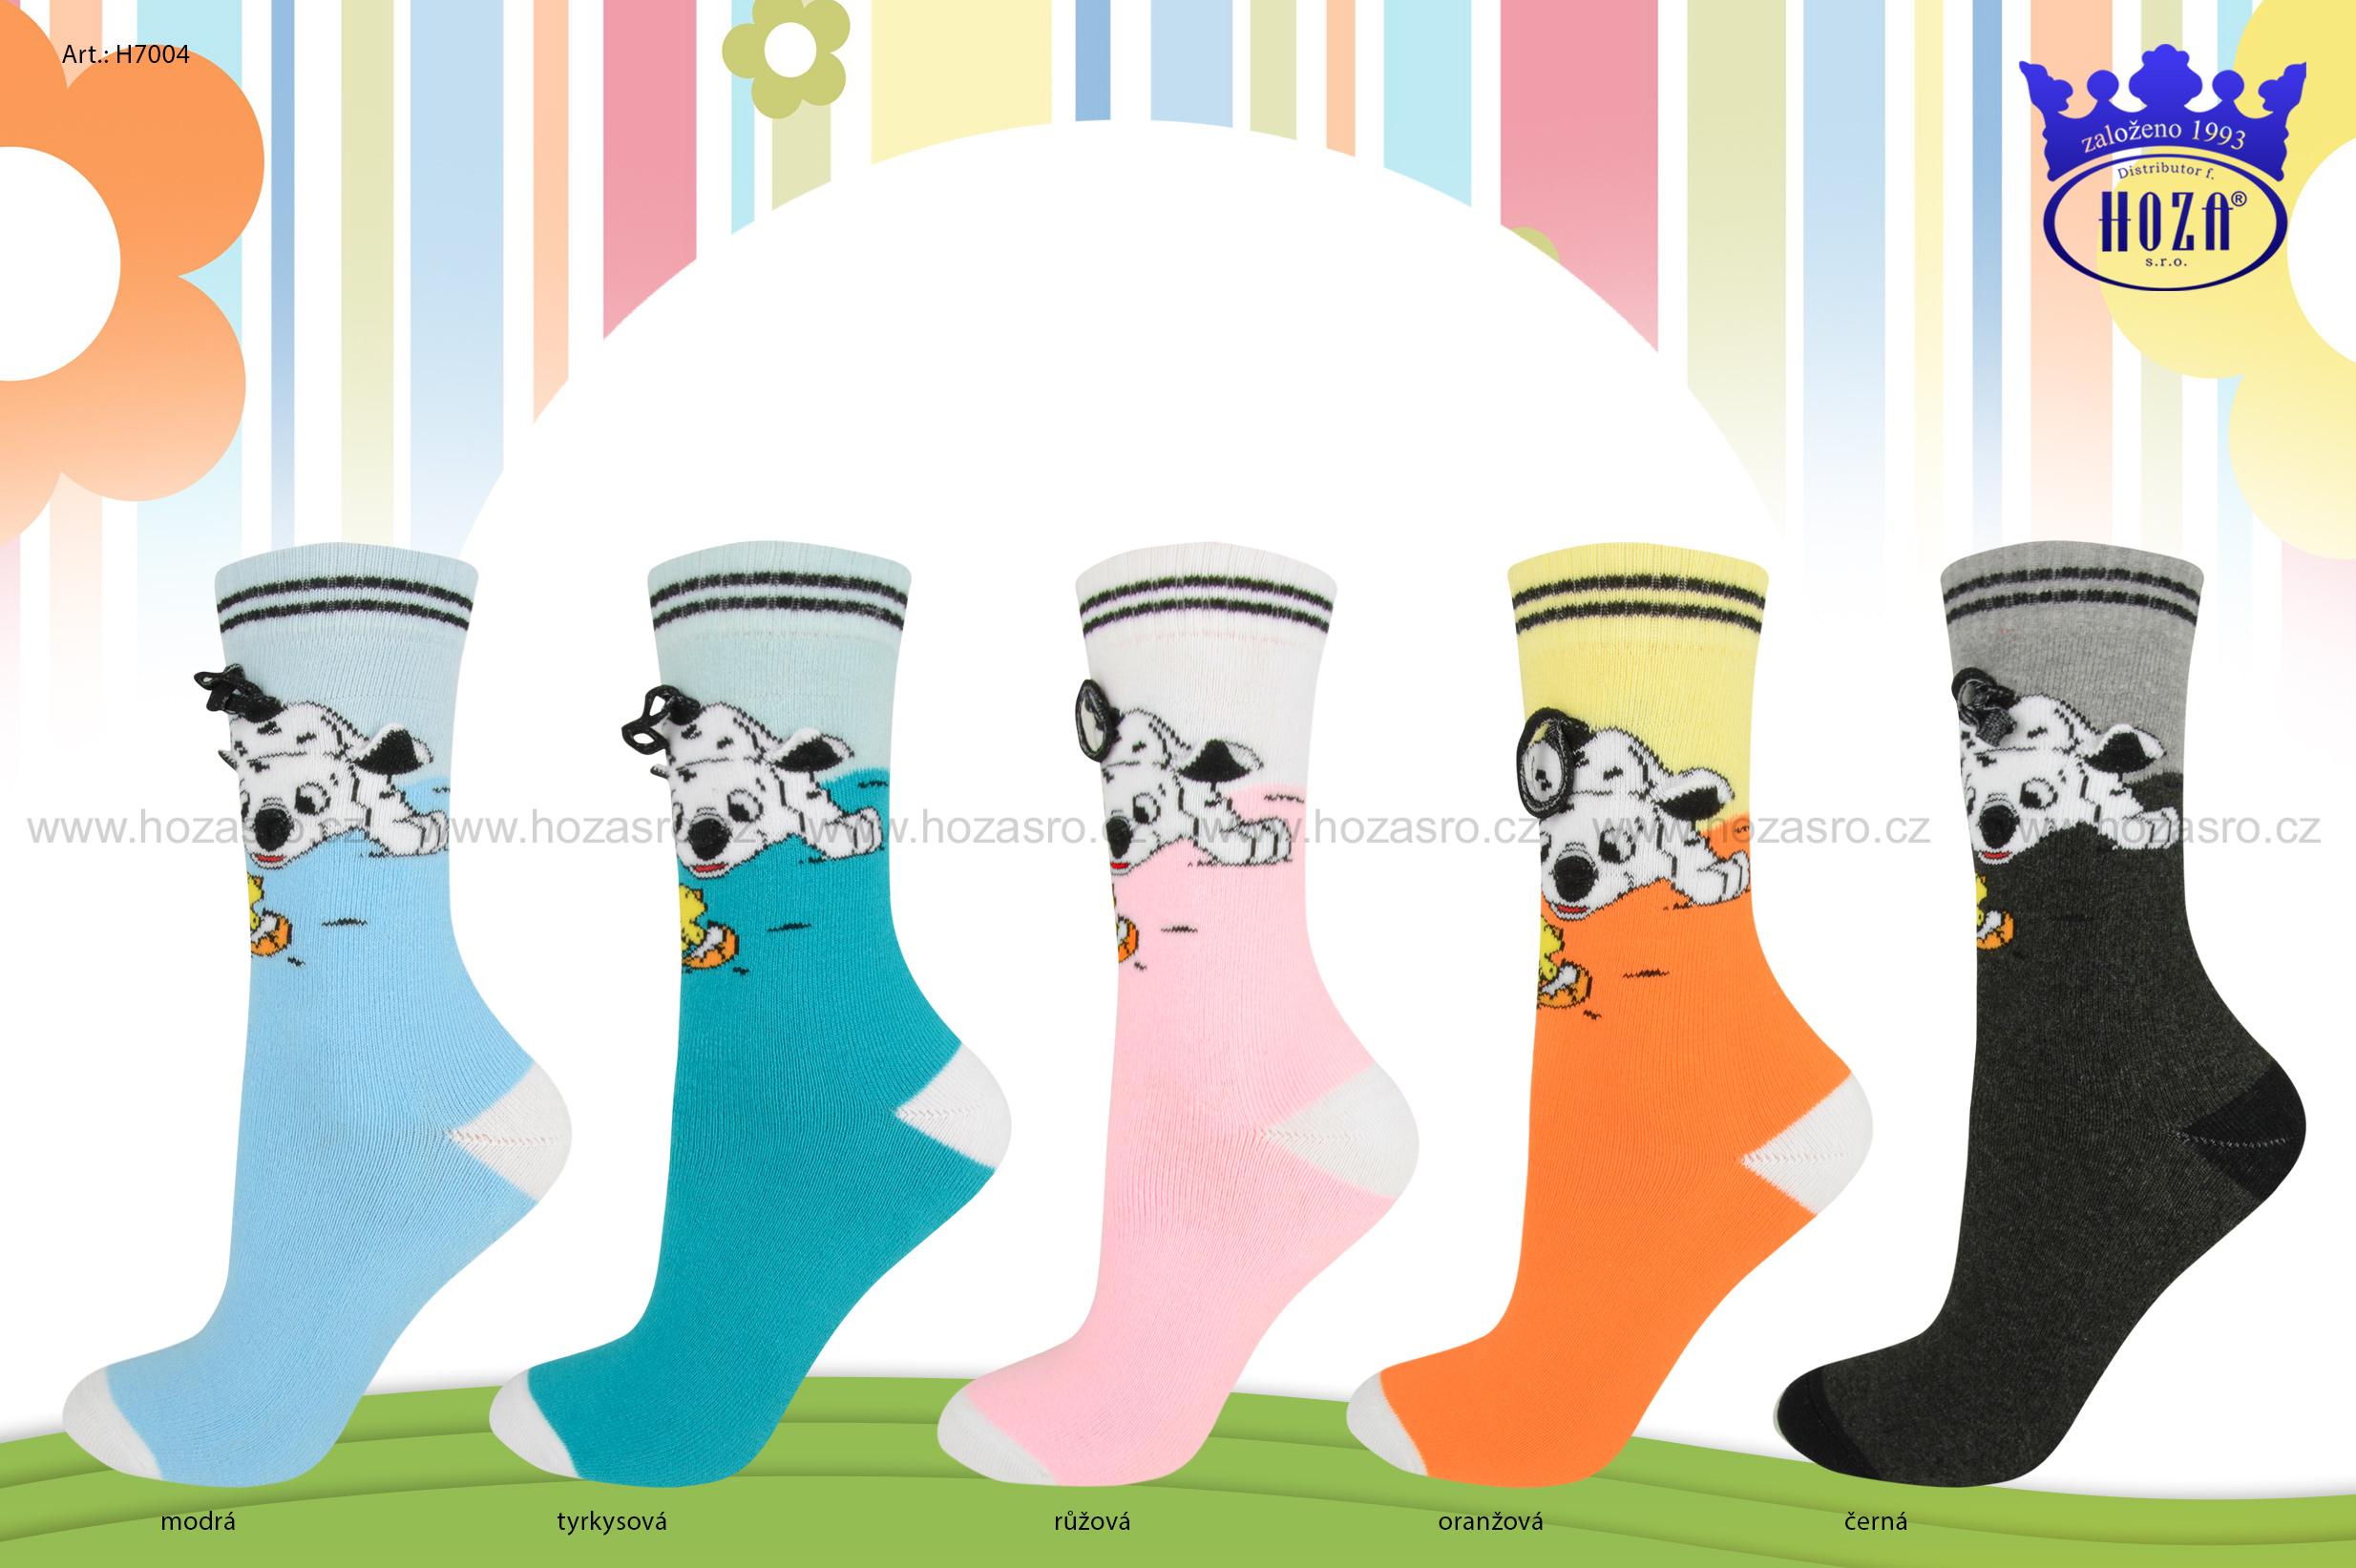 Dětské ponožky FROTÉ - pes s ušima - H7004